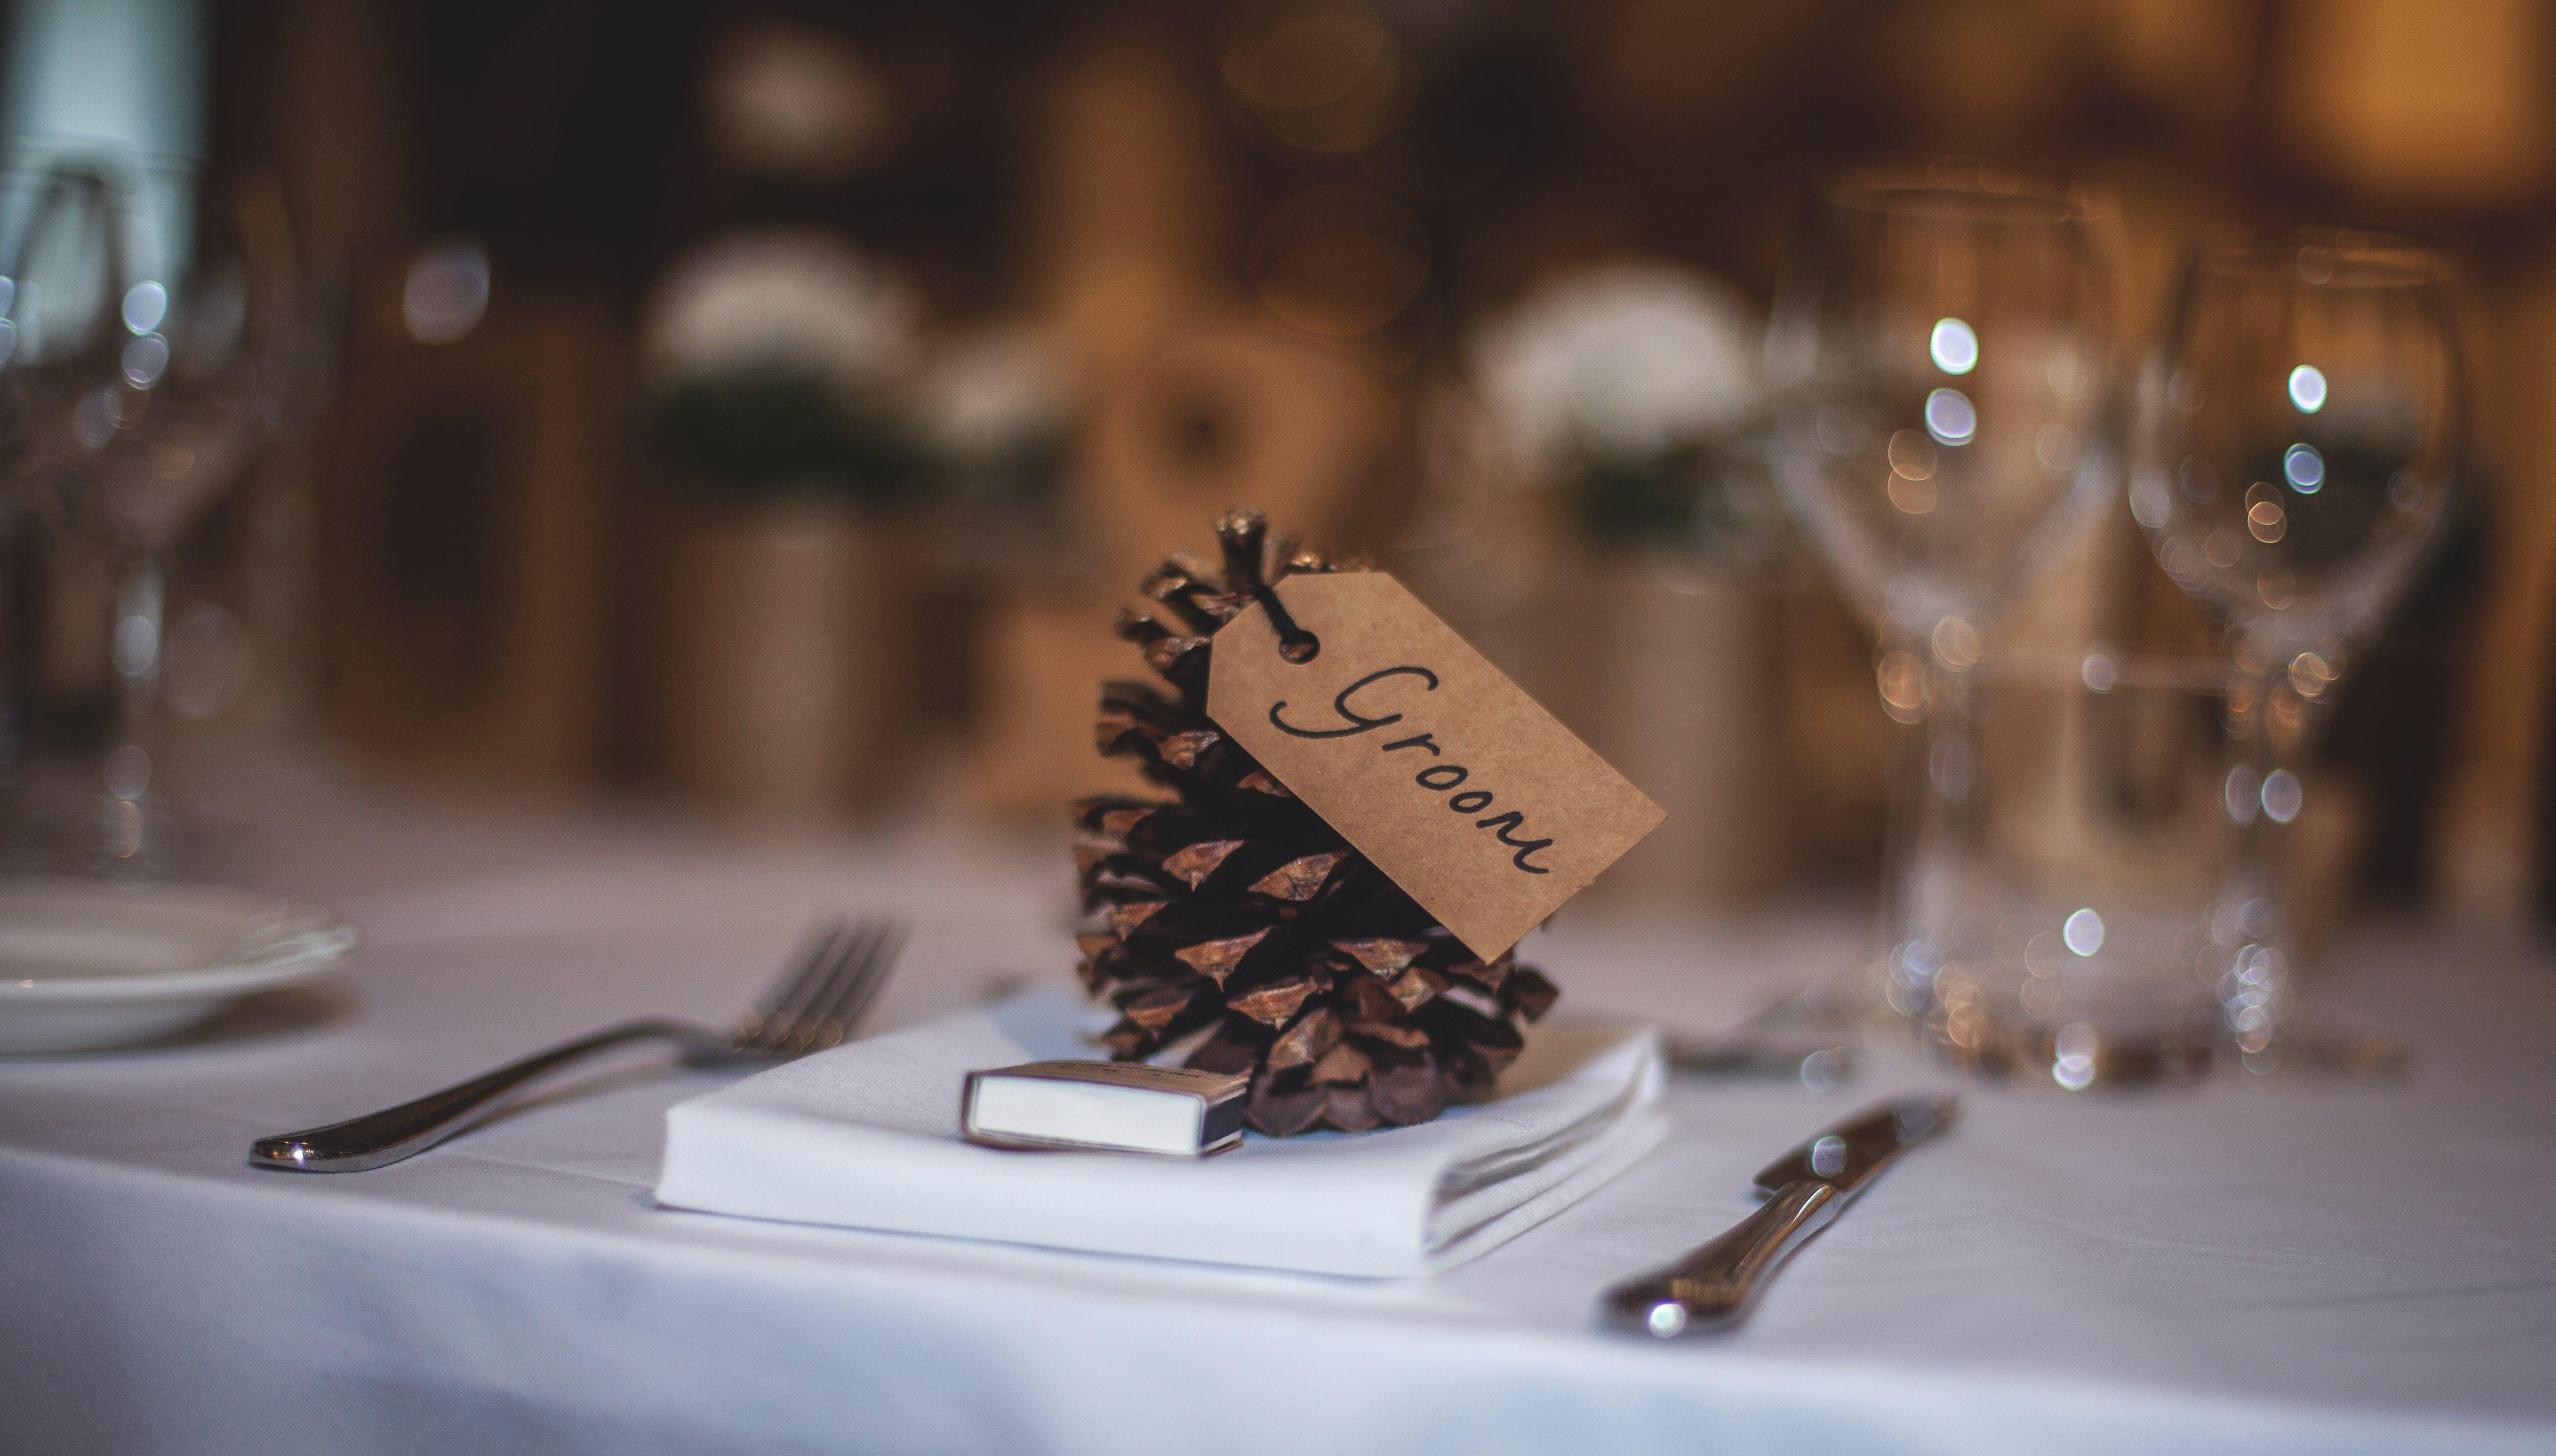 Kostenloses Stock Foto zu bräutigam, esstisch, geschirr, hochzeit